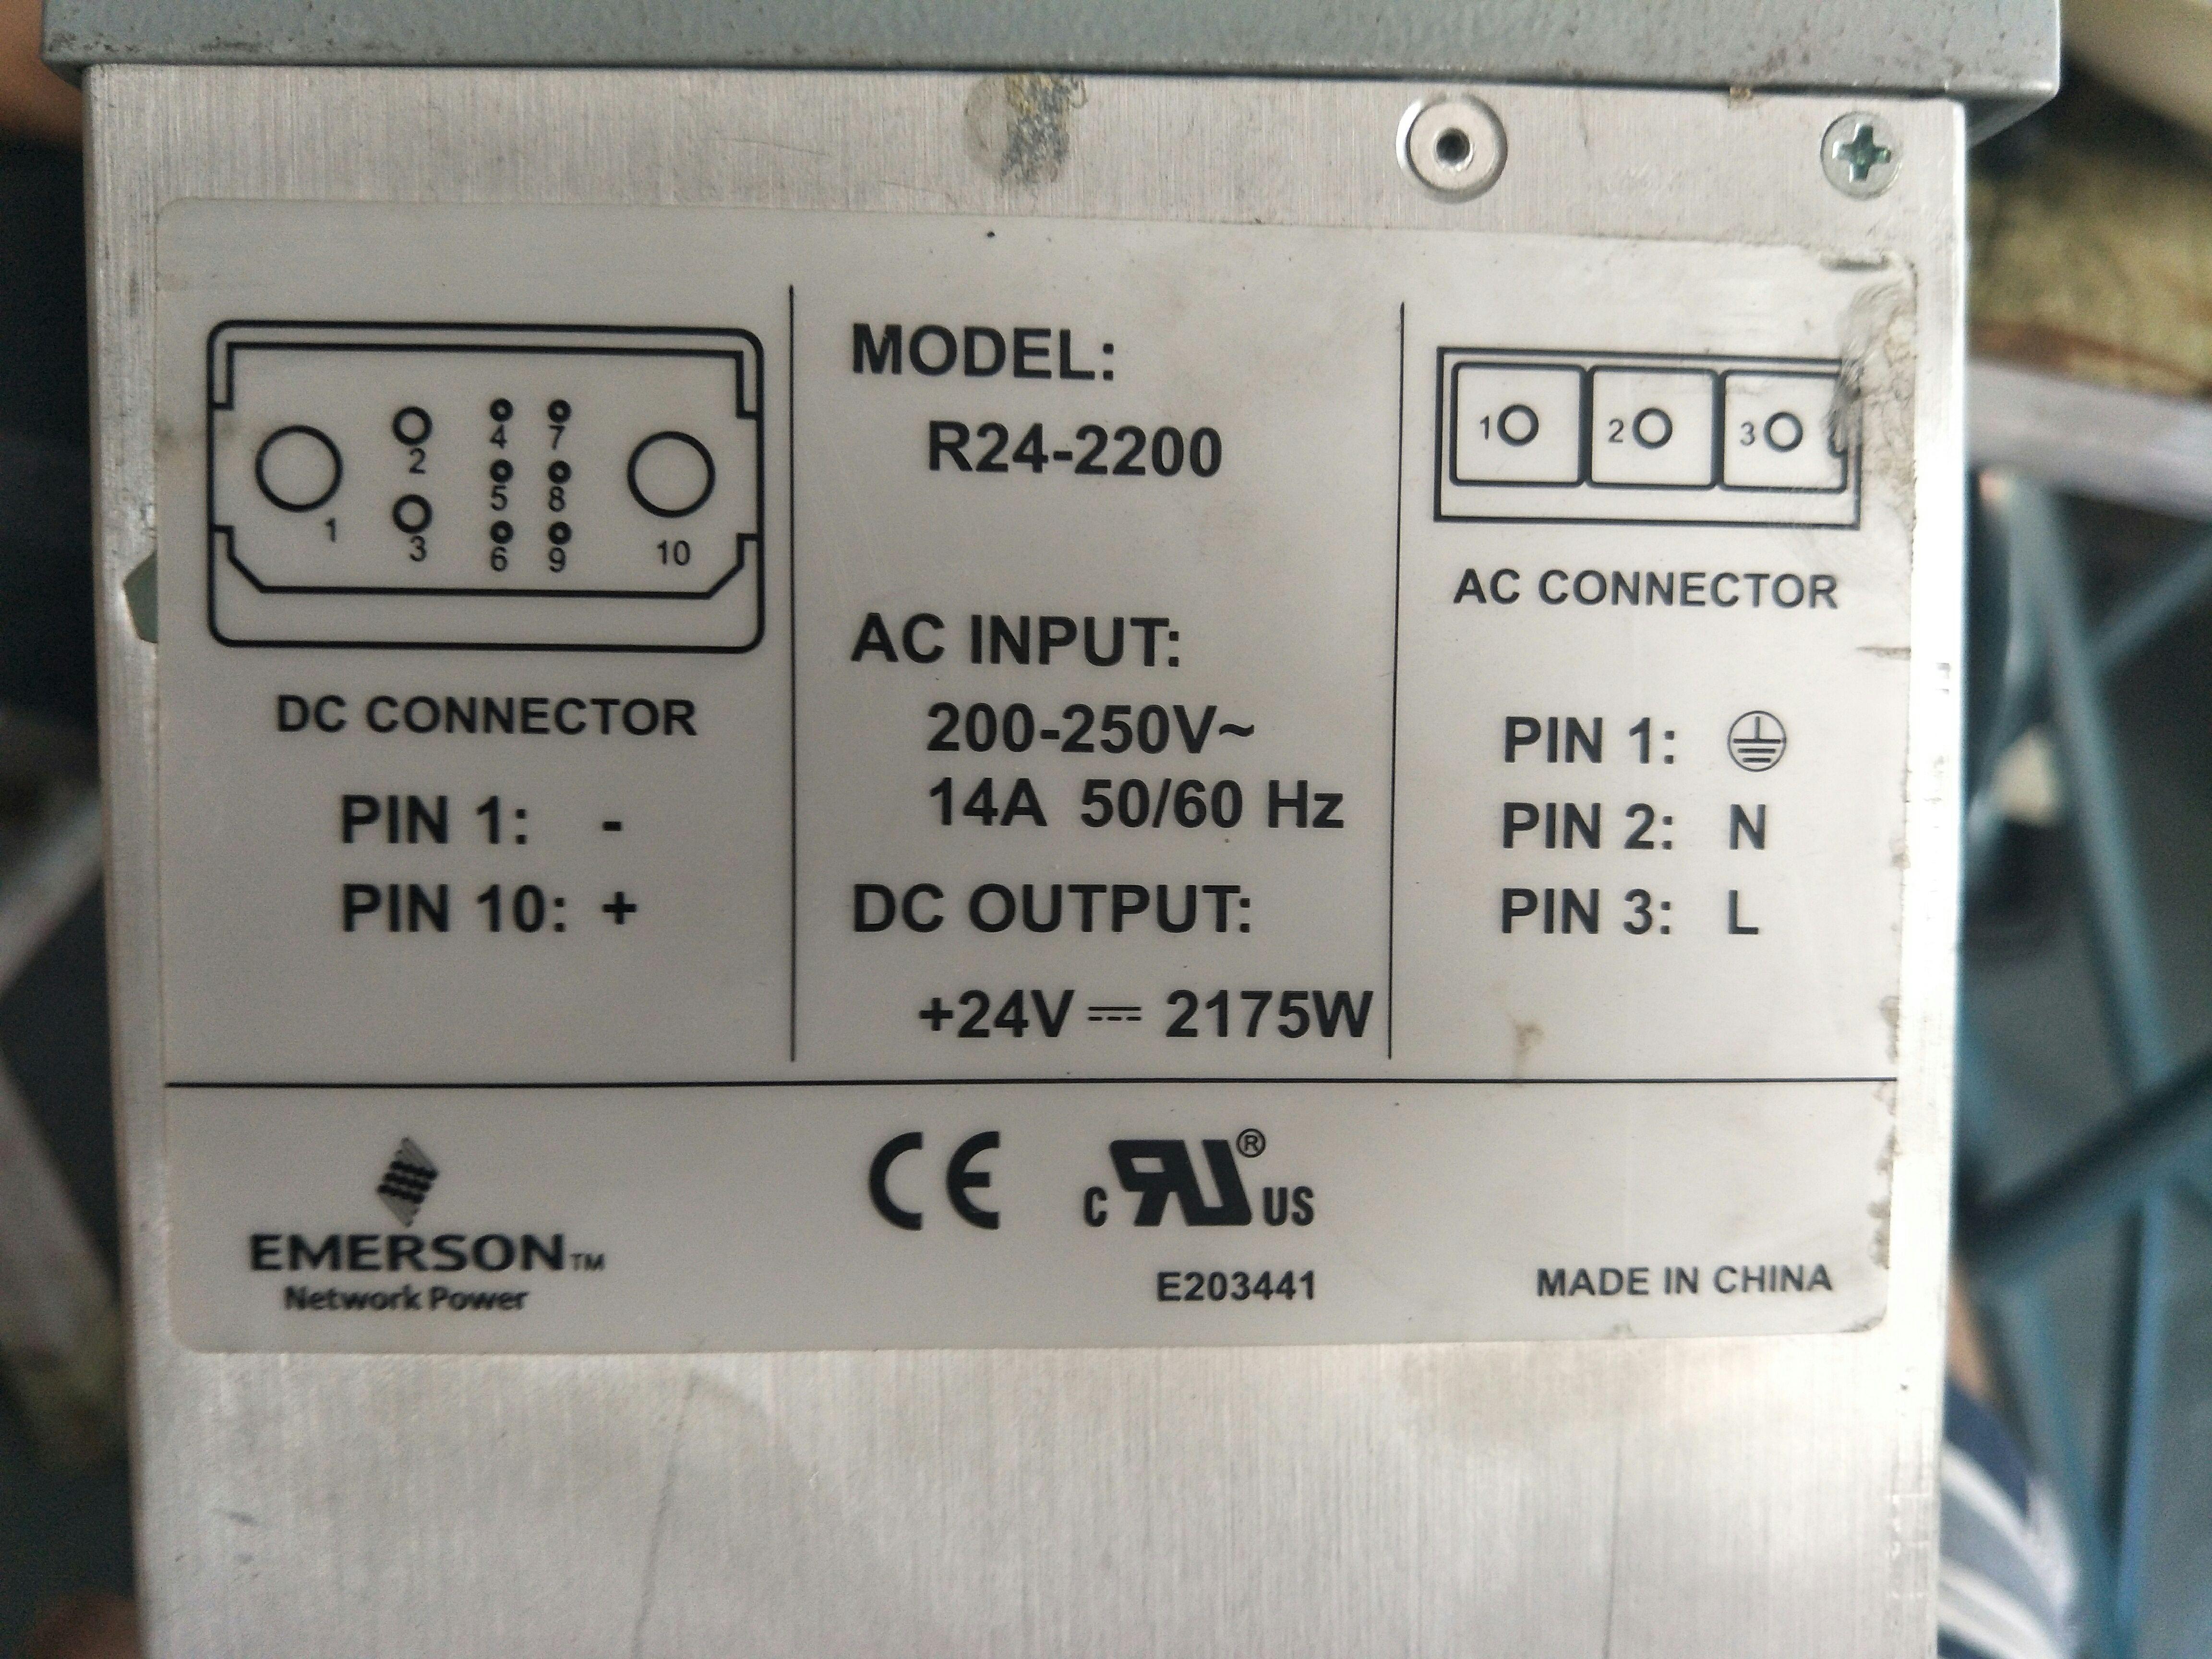 Emerson R24-2200 Power Module eine weitere erholung der